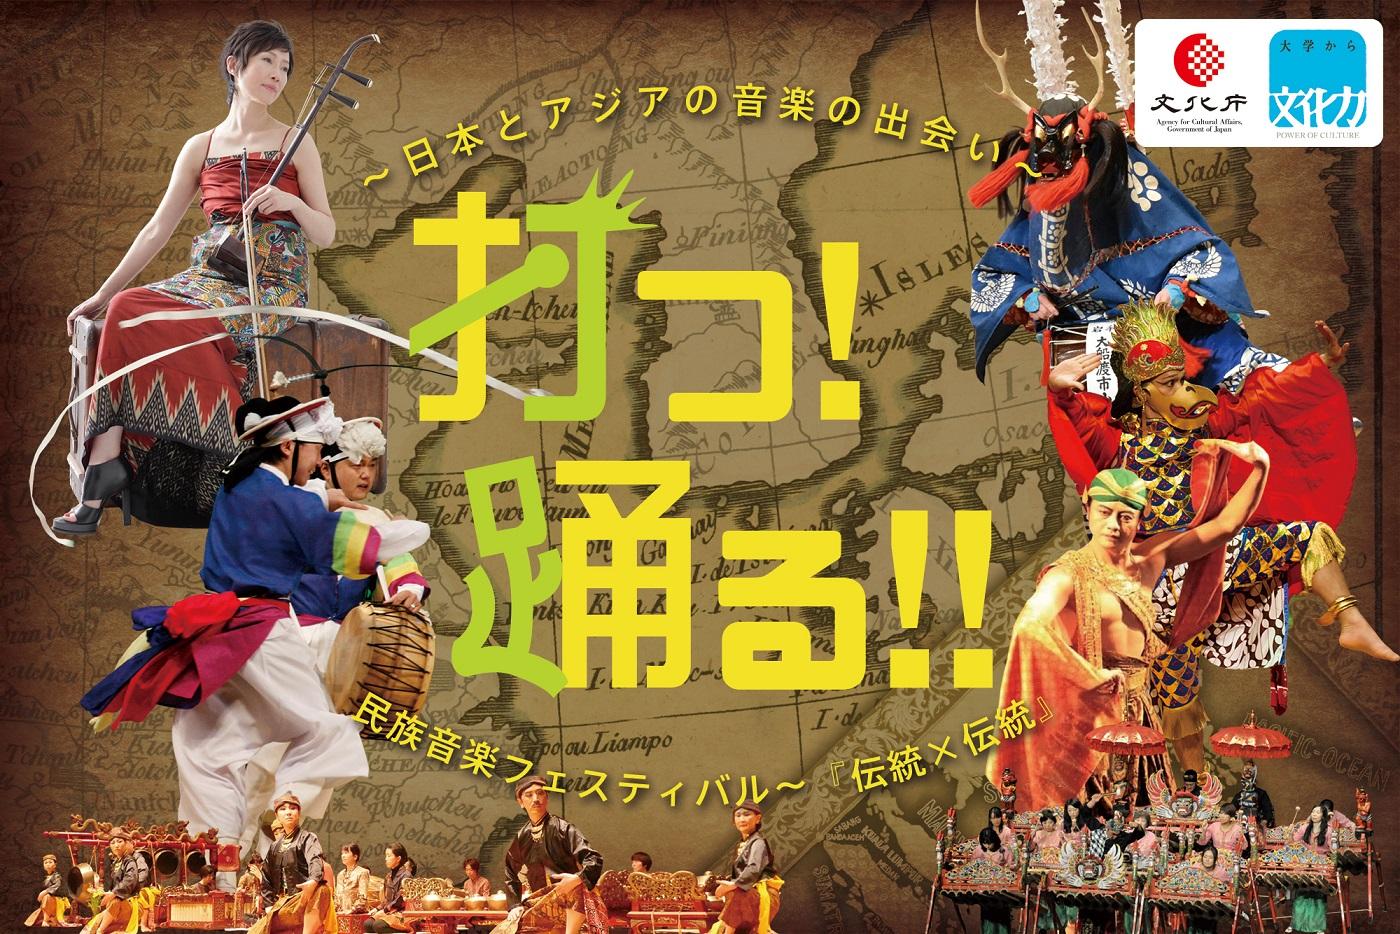 新型コロナウイルス感染拡大に伴う「~日本とアジアの音楽の出会い~打つ!踊る!!民族音楽フェスティバル~ 『伝統×伝統』」中止のお知らせ